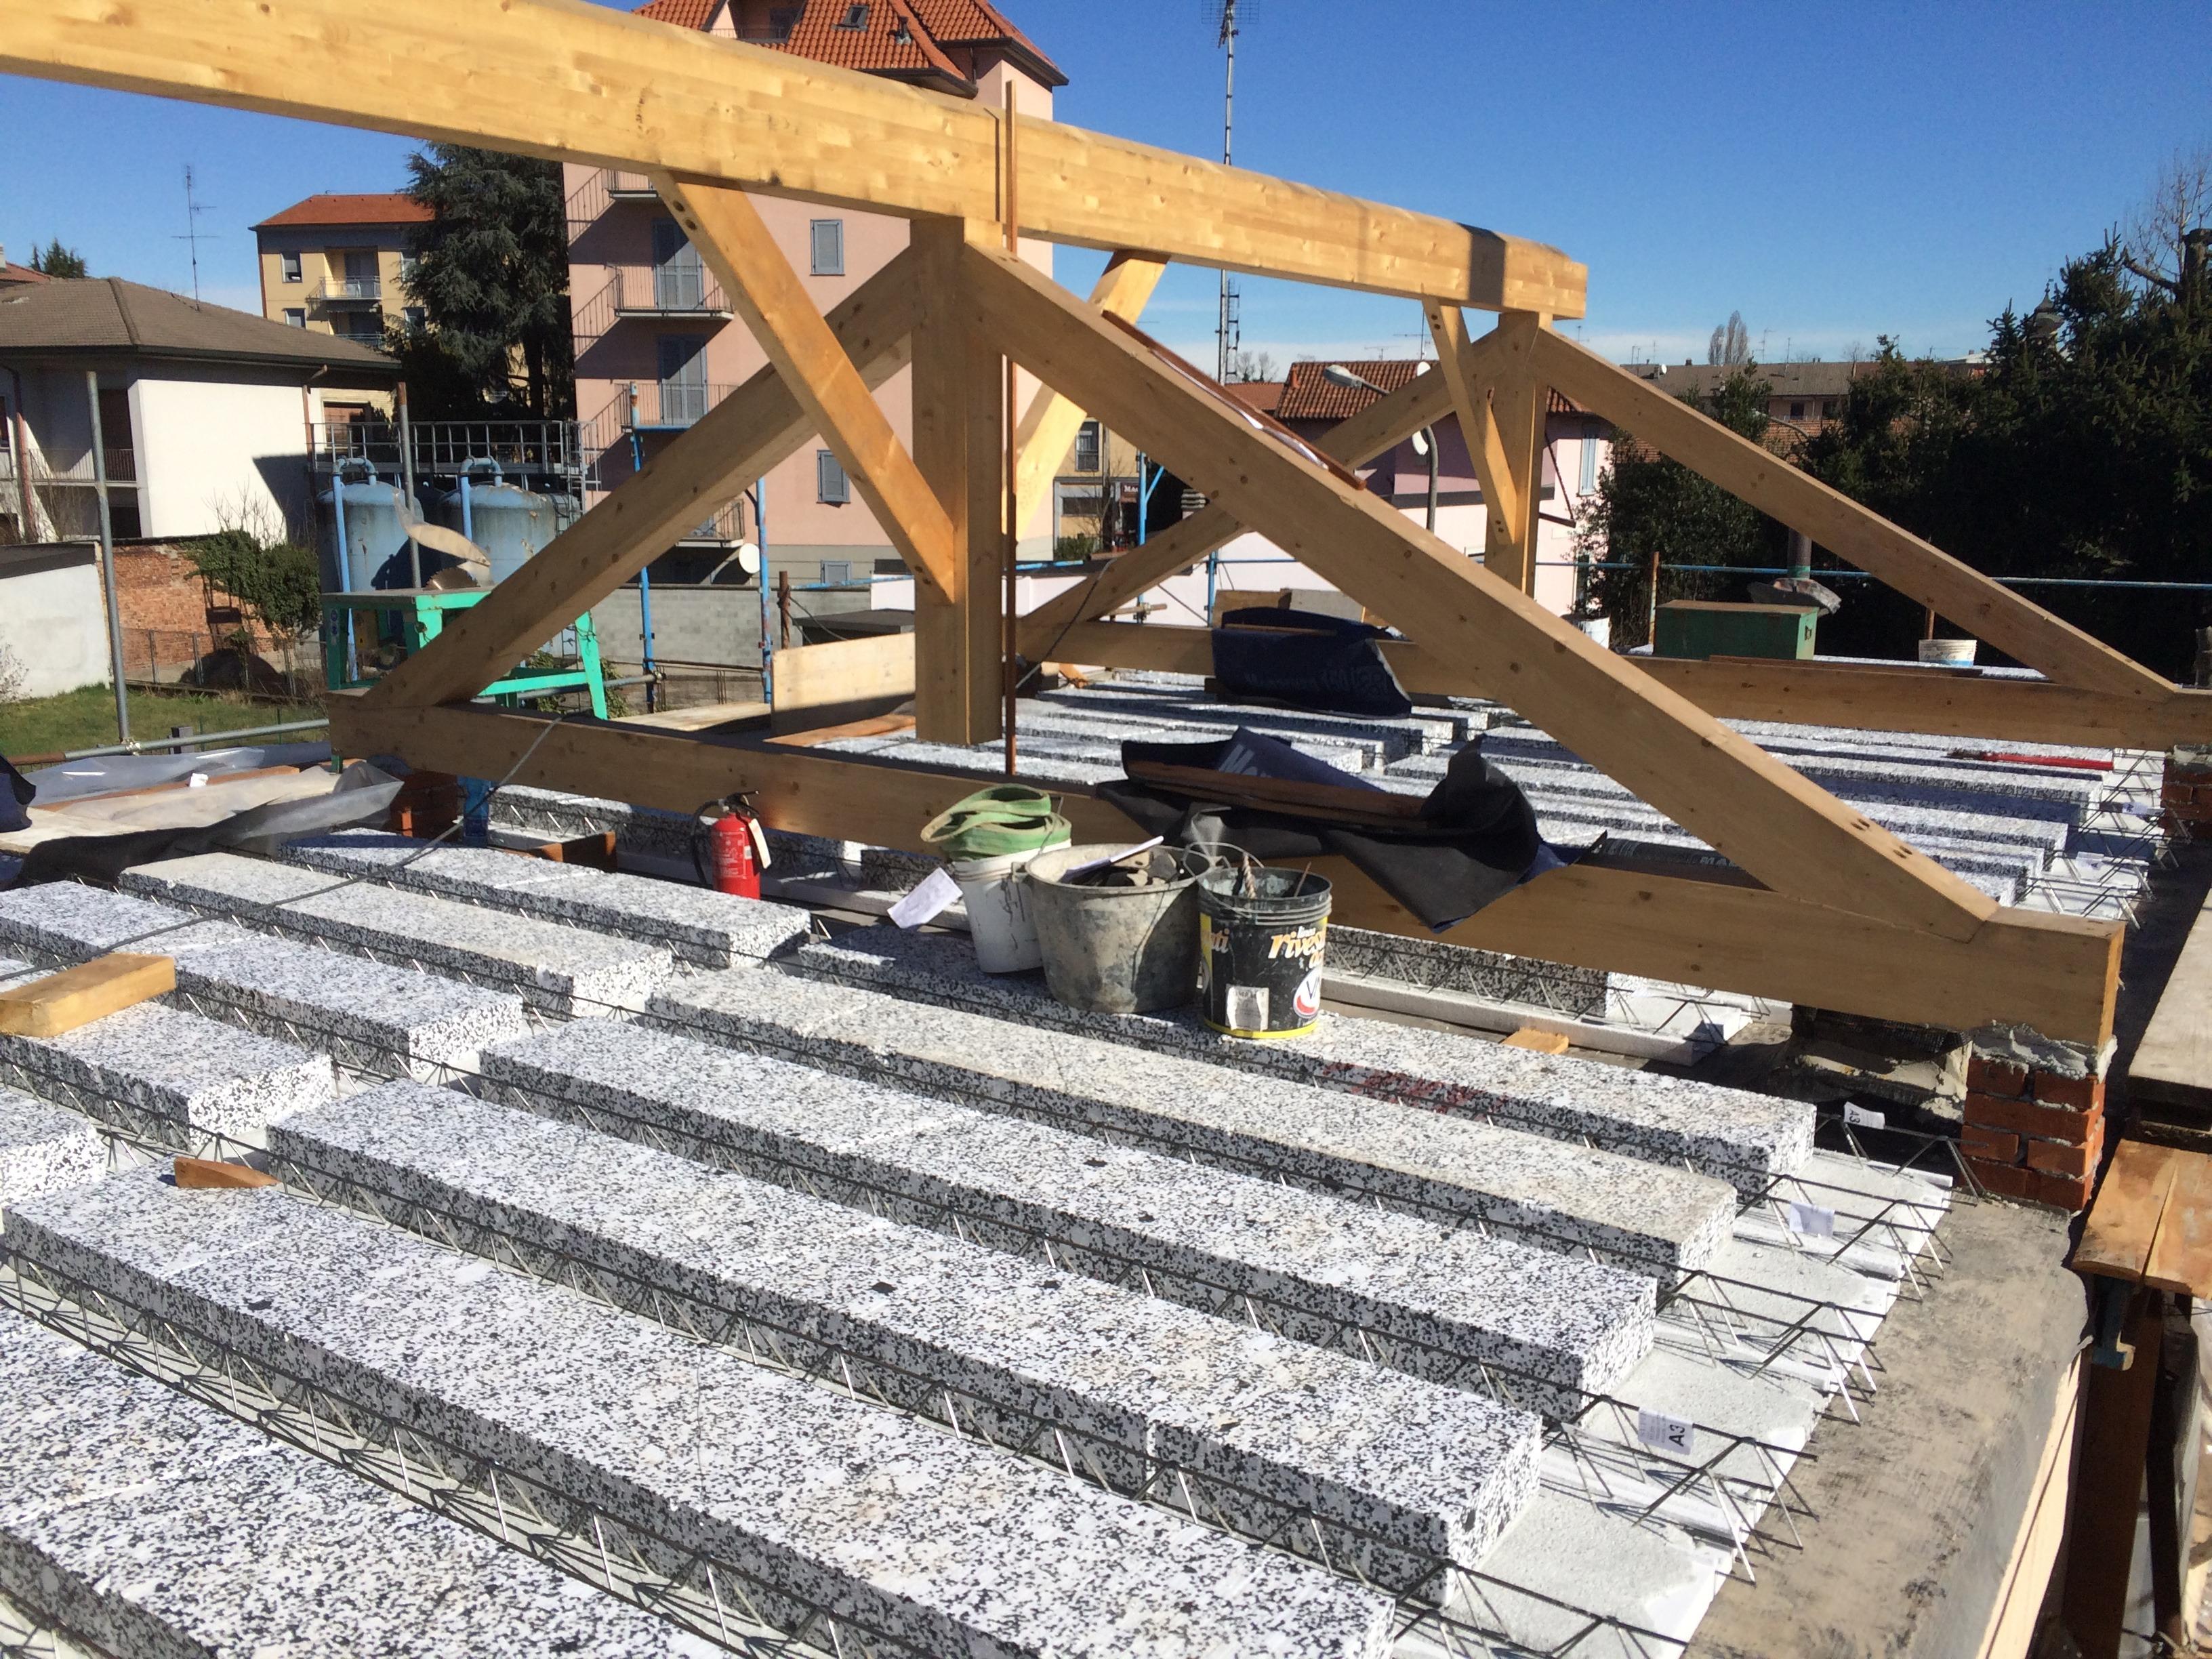 Trasformazione Sottotetto In Abitazione recupero sottotetto a fini abitativi | geomatica architettura